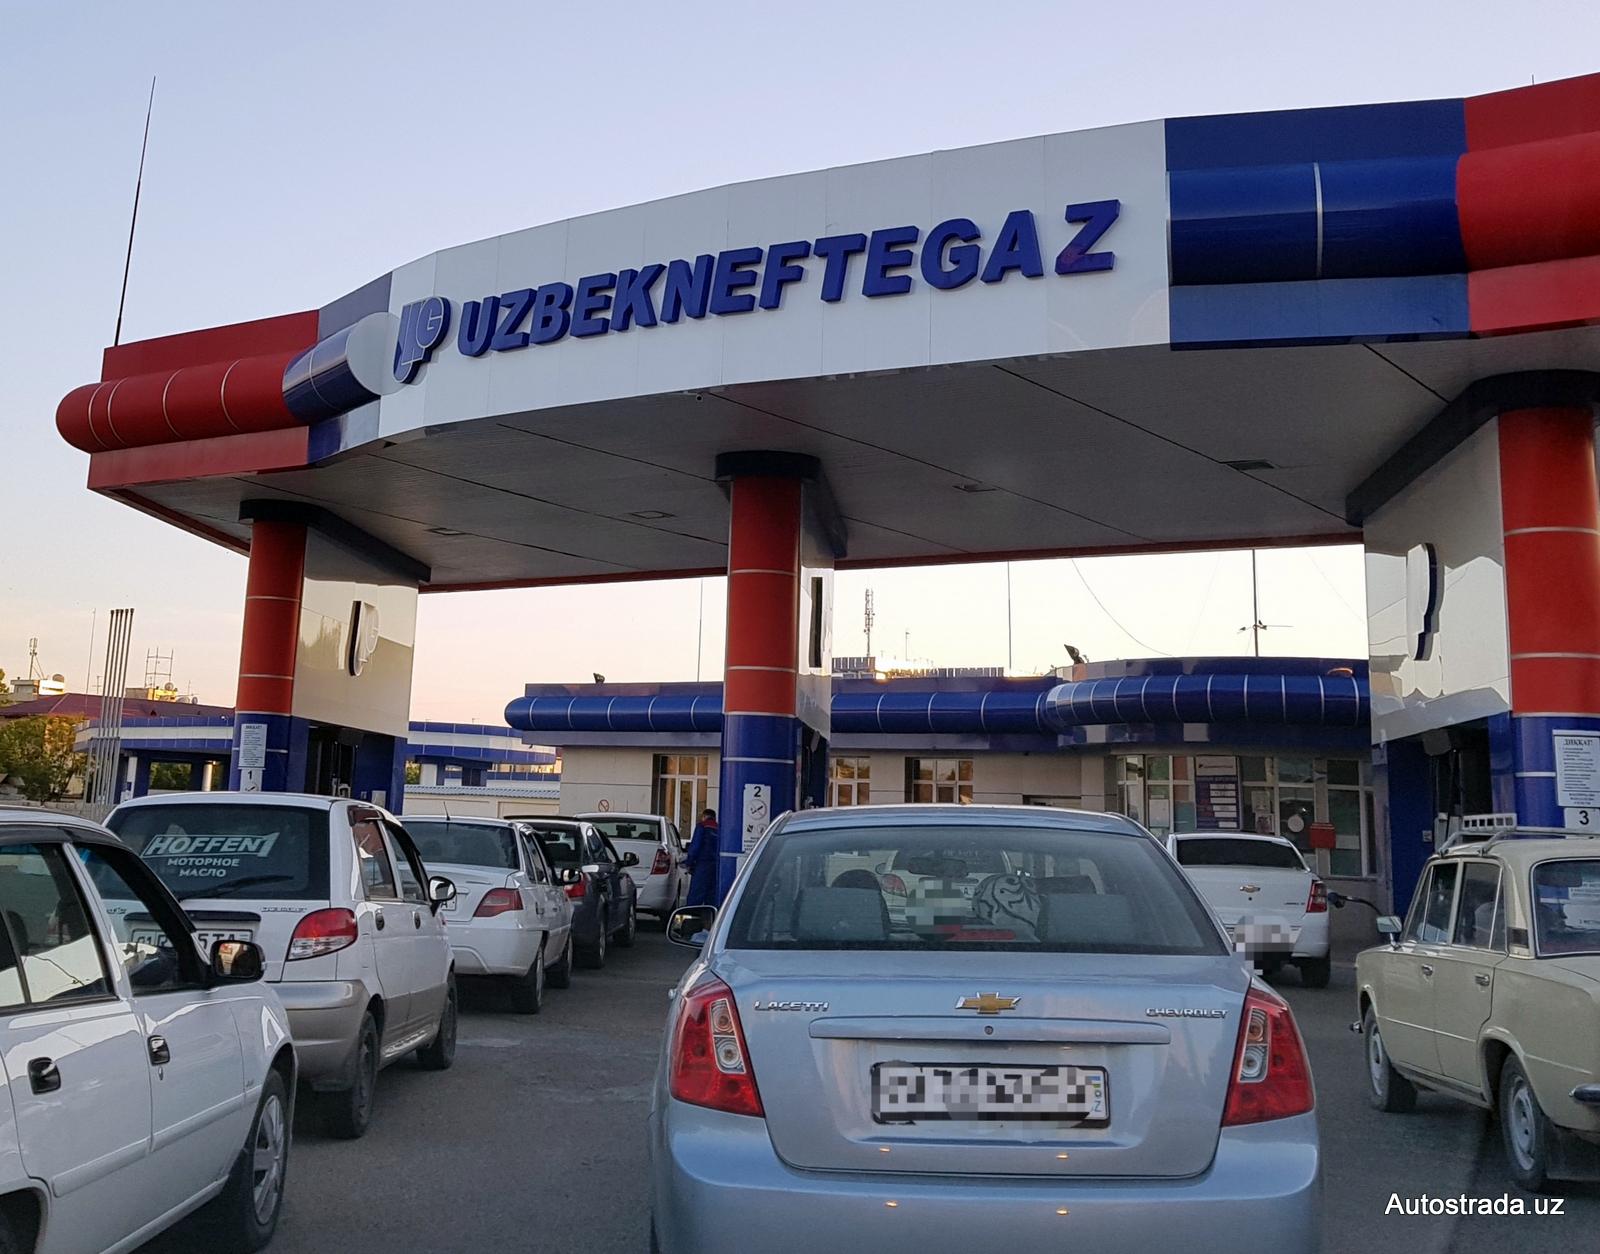 Стало известно сколько бензина было произведено за январь в Узбекистане